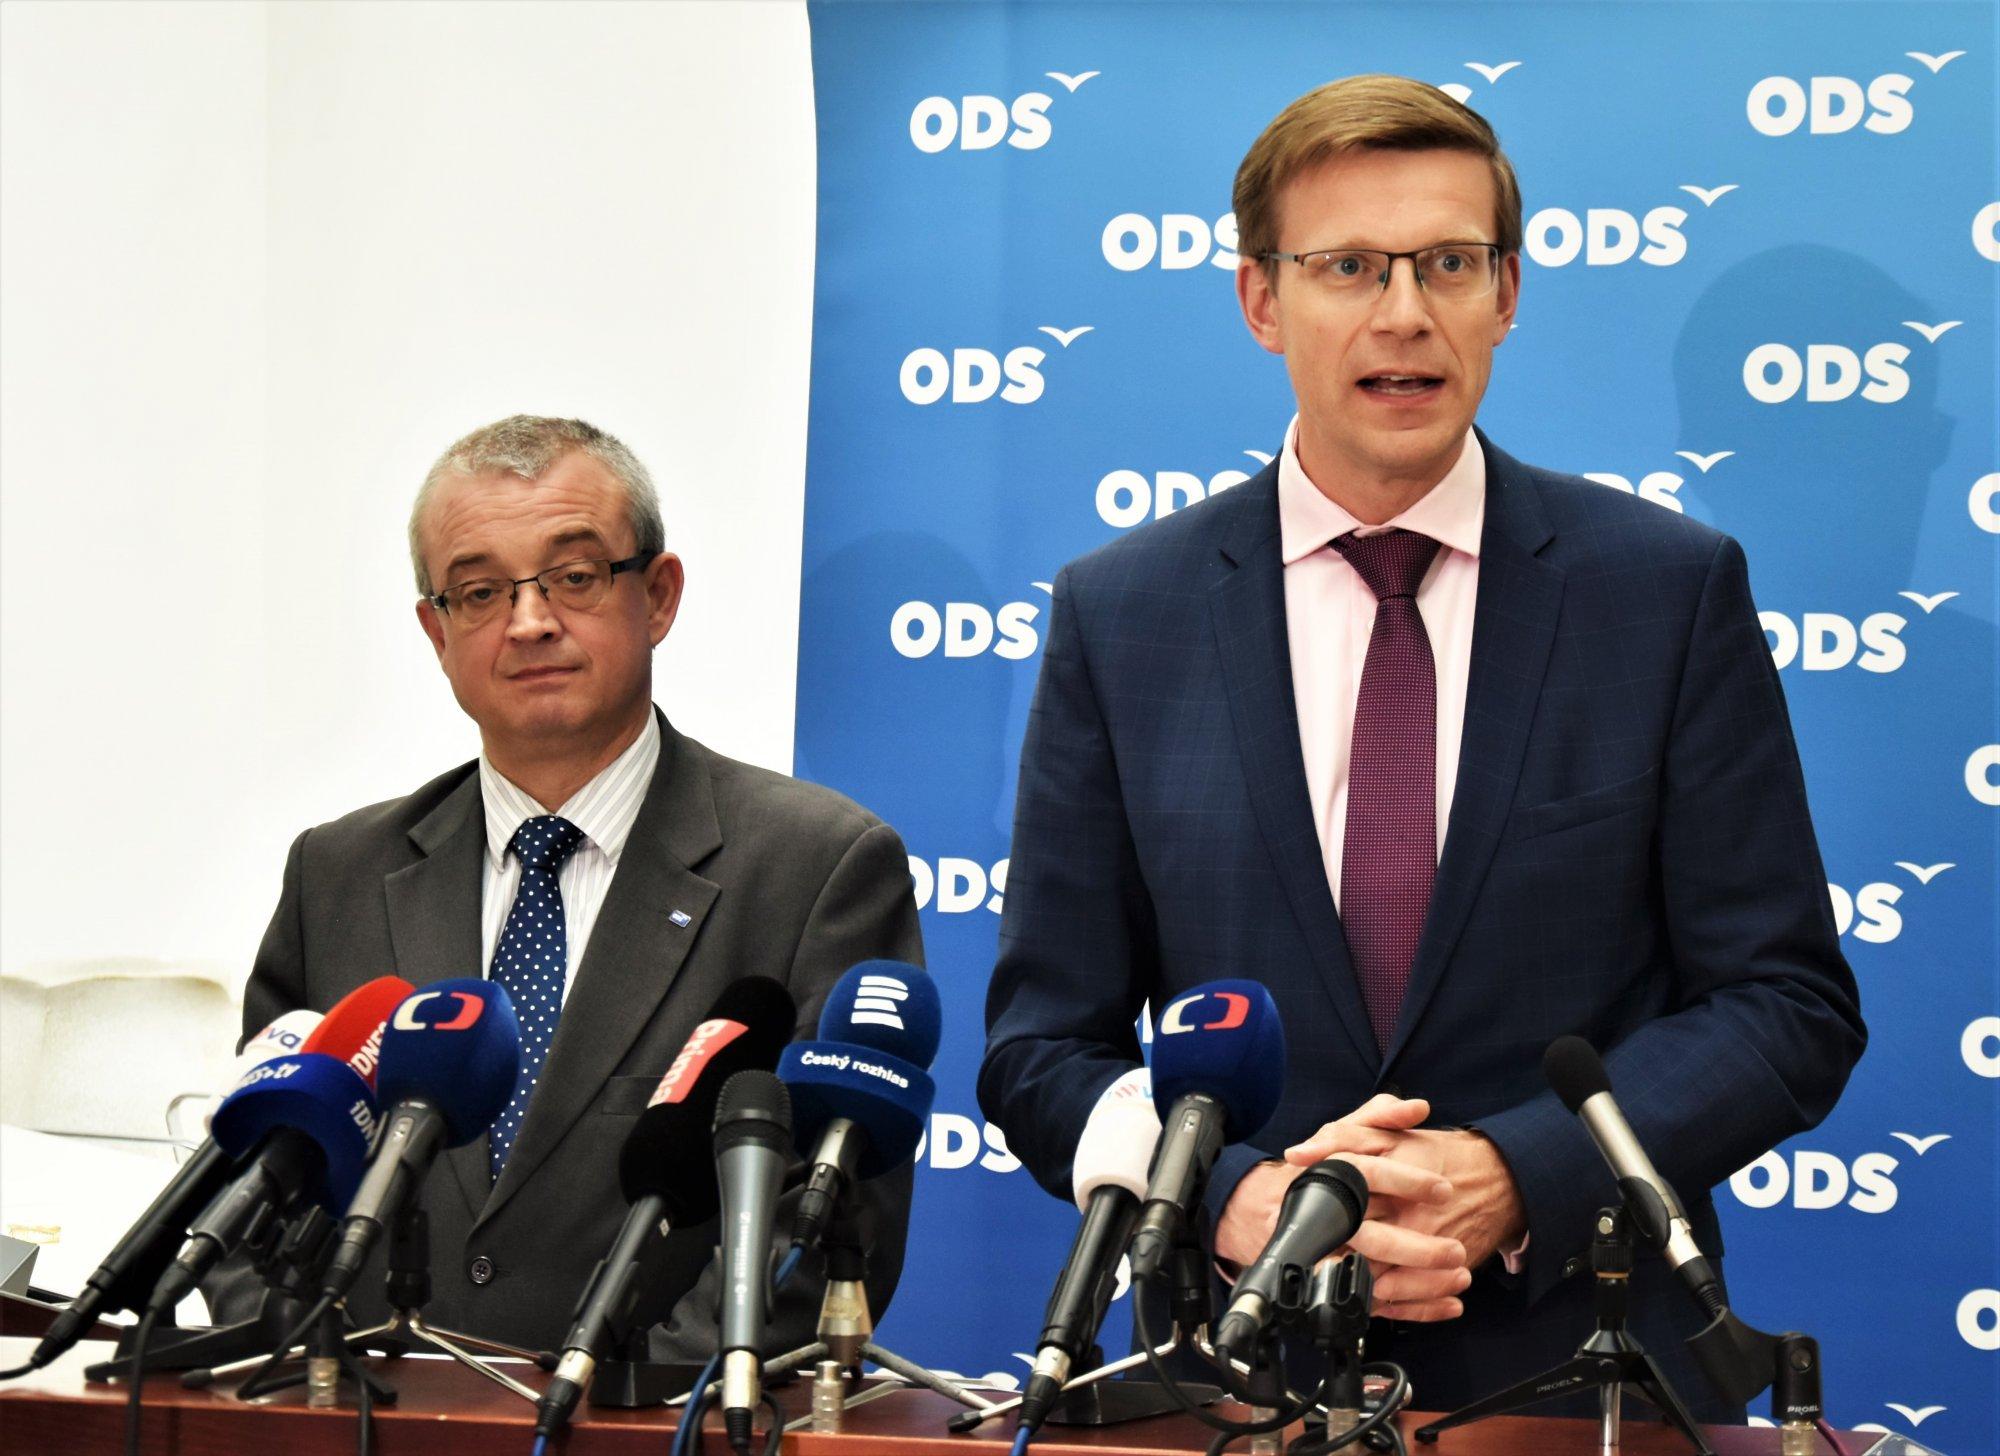 ODS: Účinnost dva dny v roce a tabulka povinností, přelomová úprava právního řádu je na spadnutí